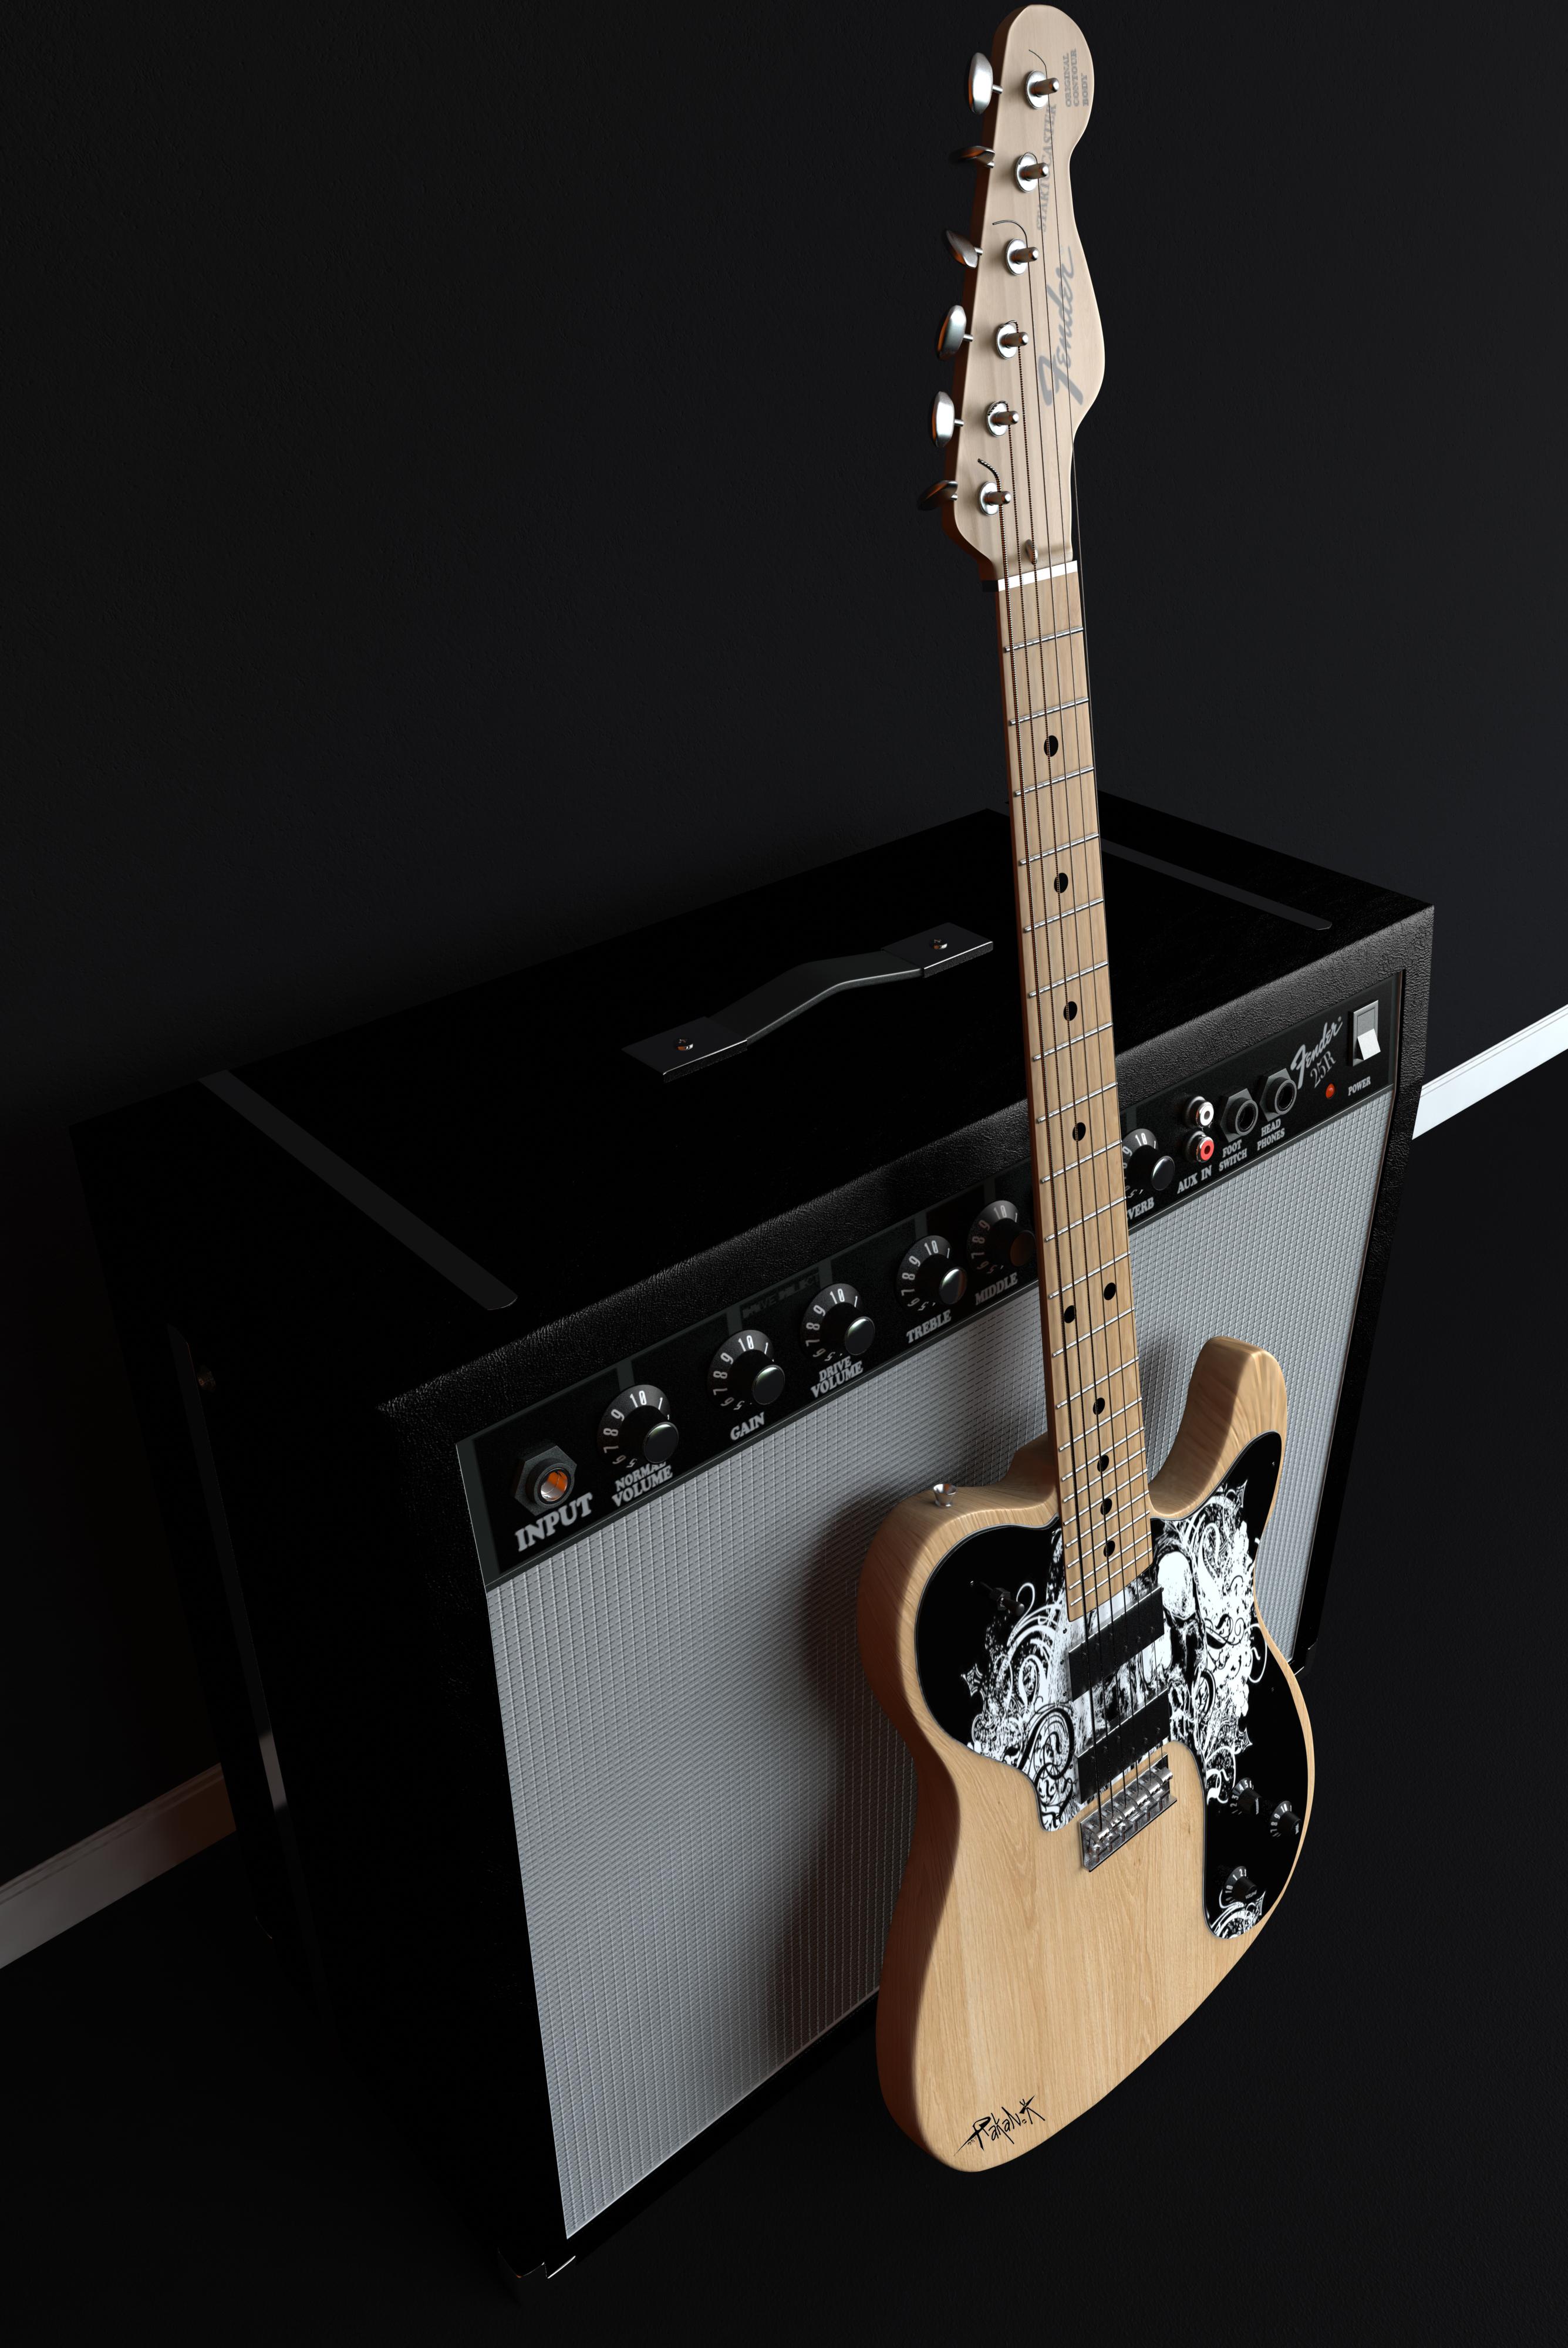 Guitar Wallpaper High Resolution